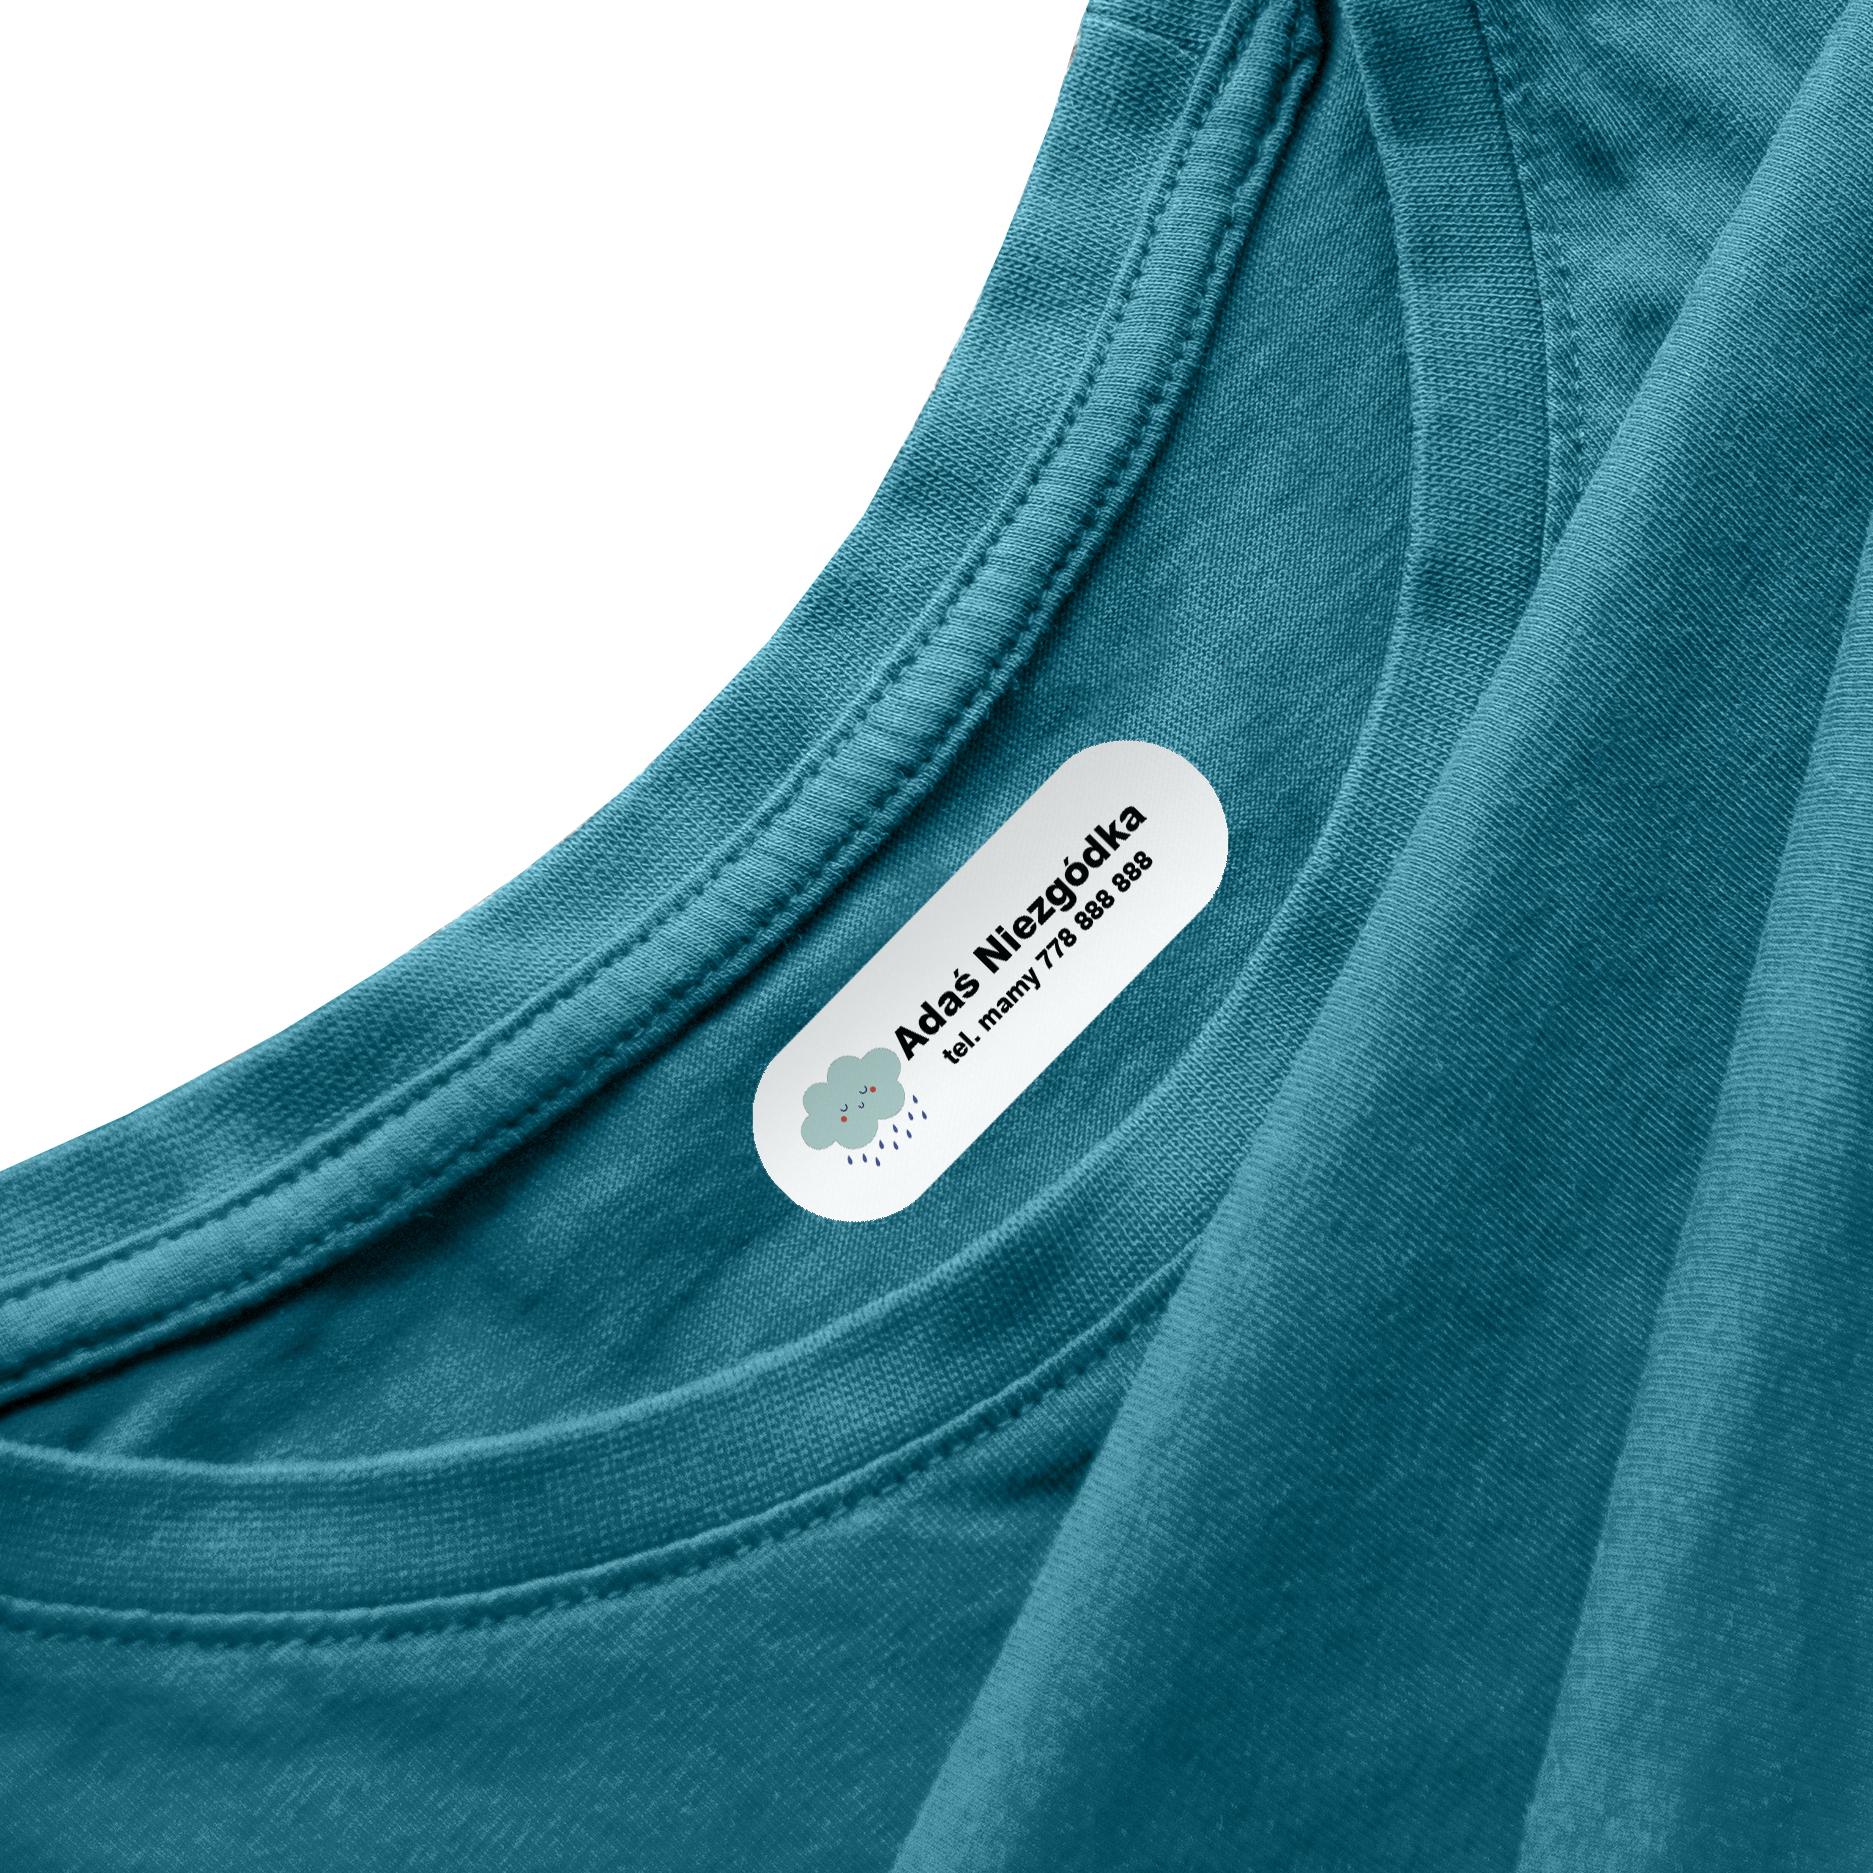 Naprasowanki na ubrania naprasowanka imienna metki dla dziecka chmurka